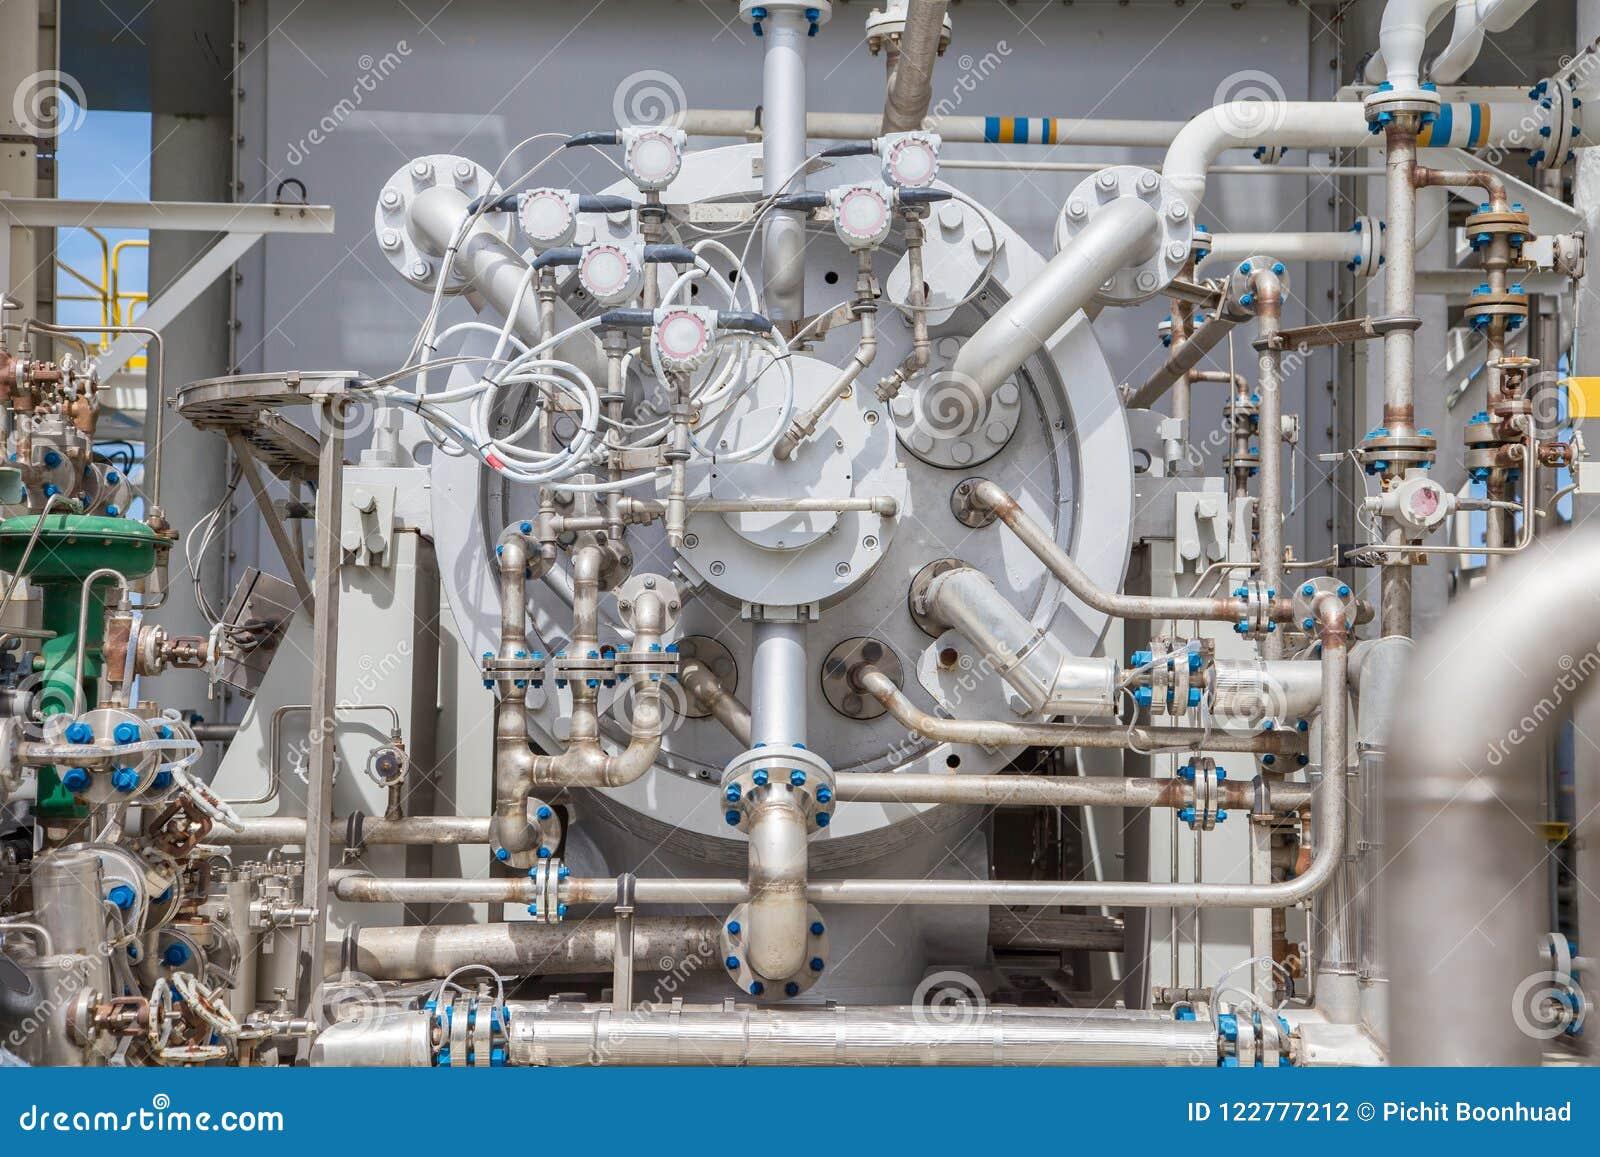 Type van de compressor het centrifugaal en multistadium van de gasturbine van van gascompressor en leidingen het gebruik van het